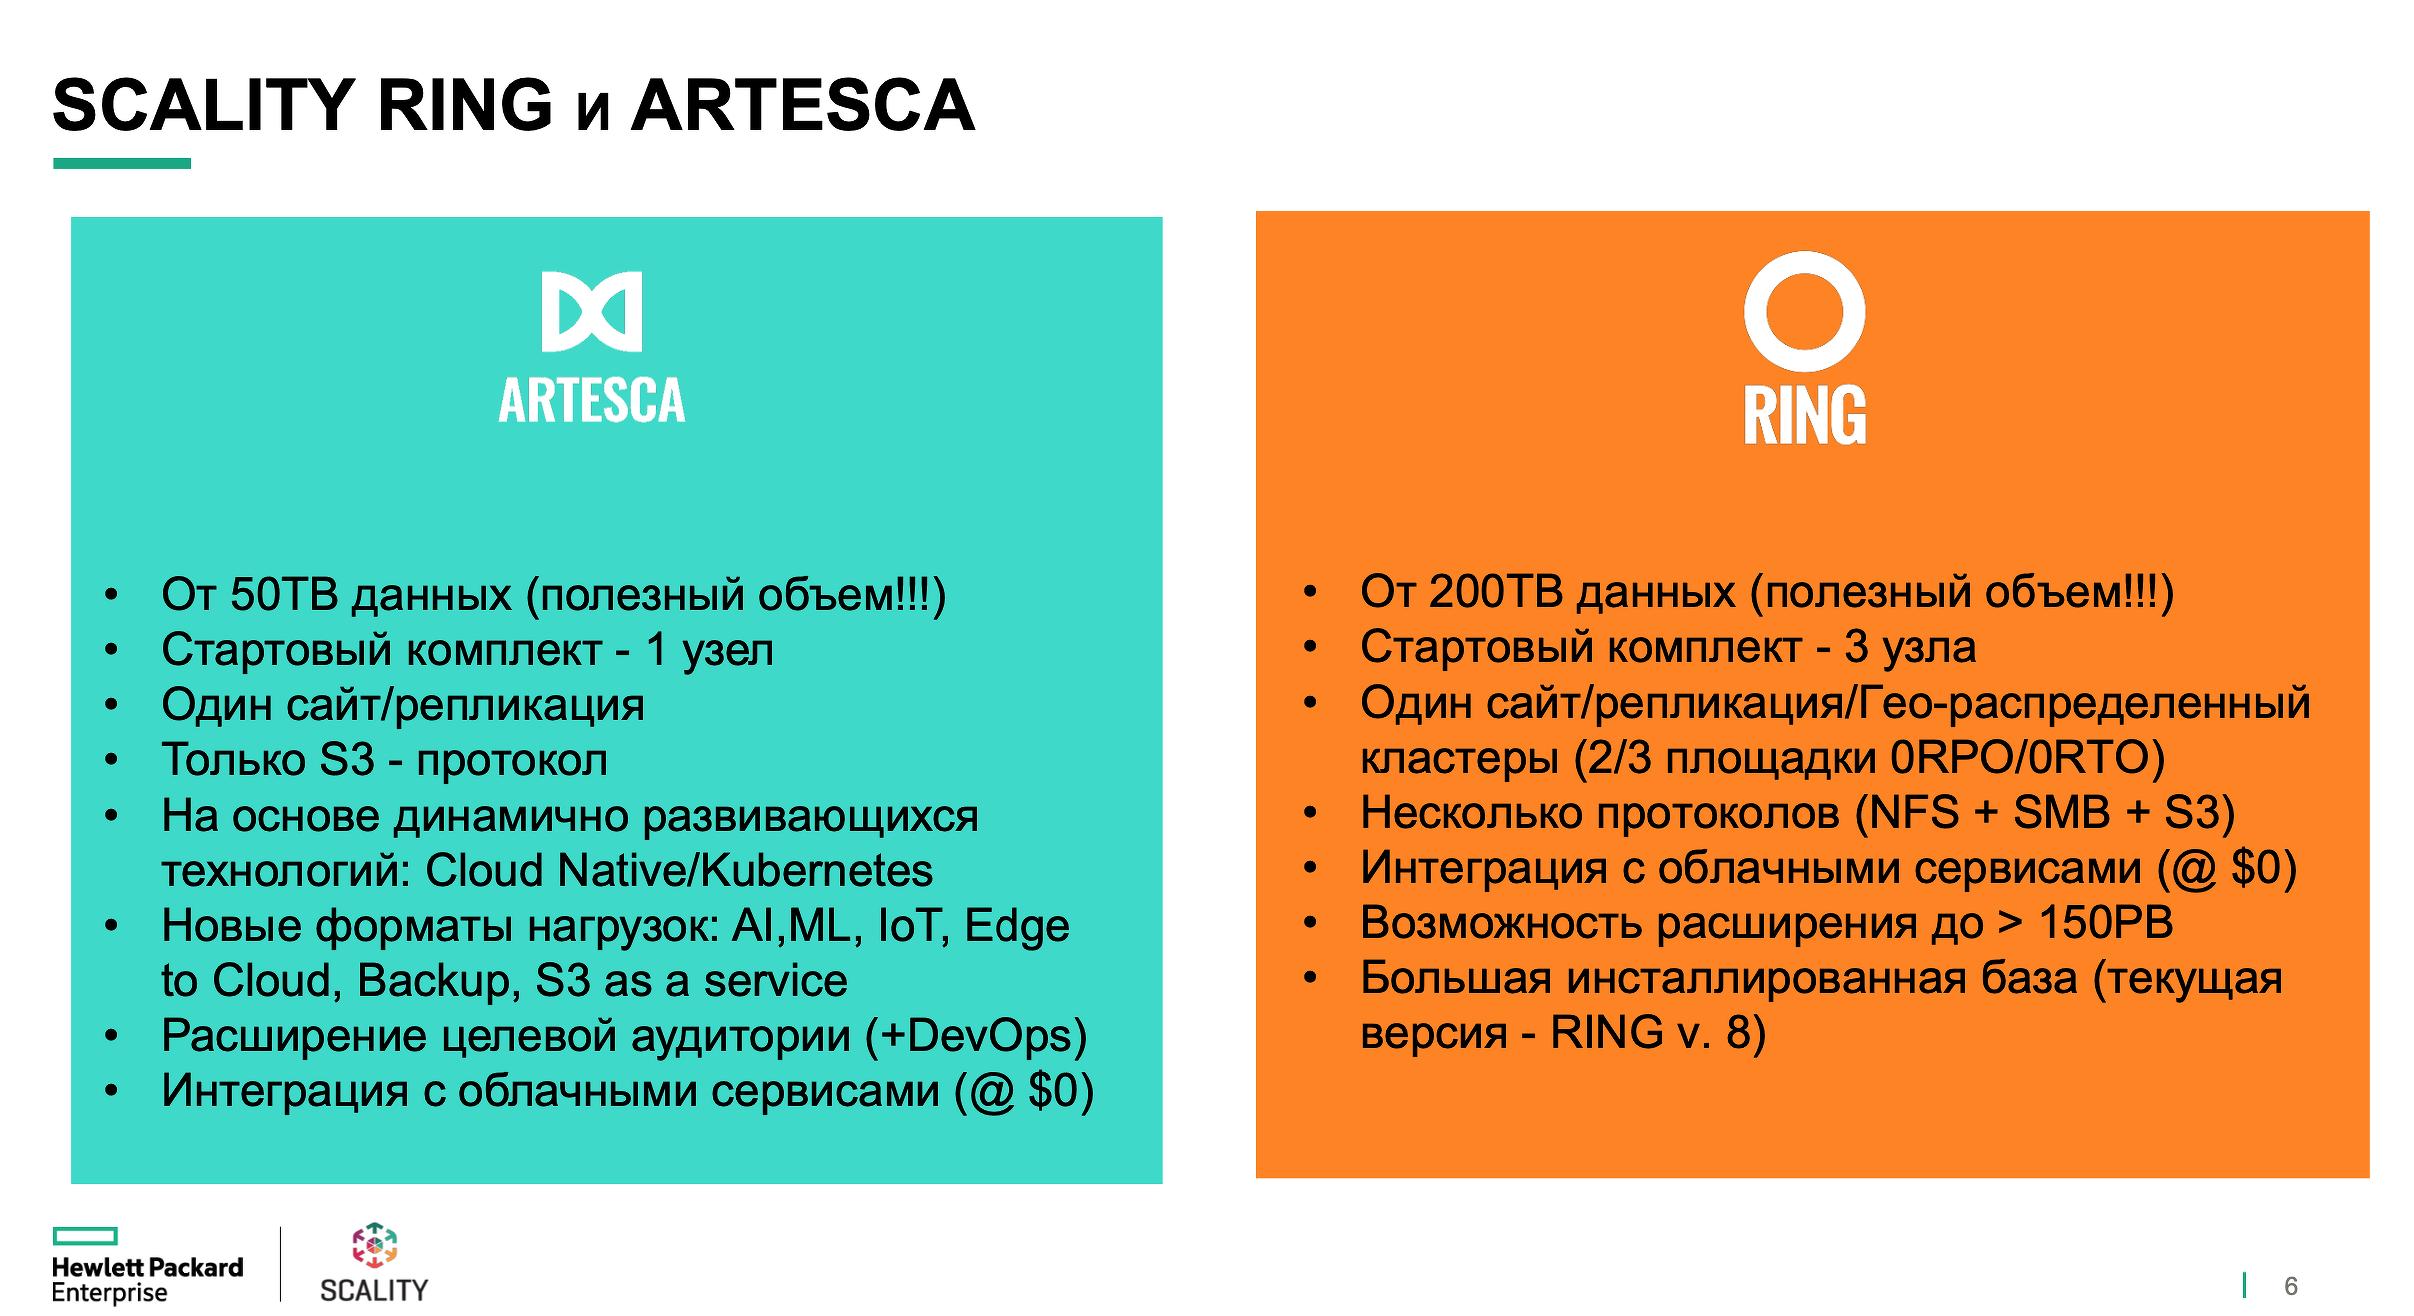 Основные параметры Scality Ring и Artesca